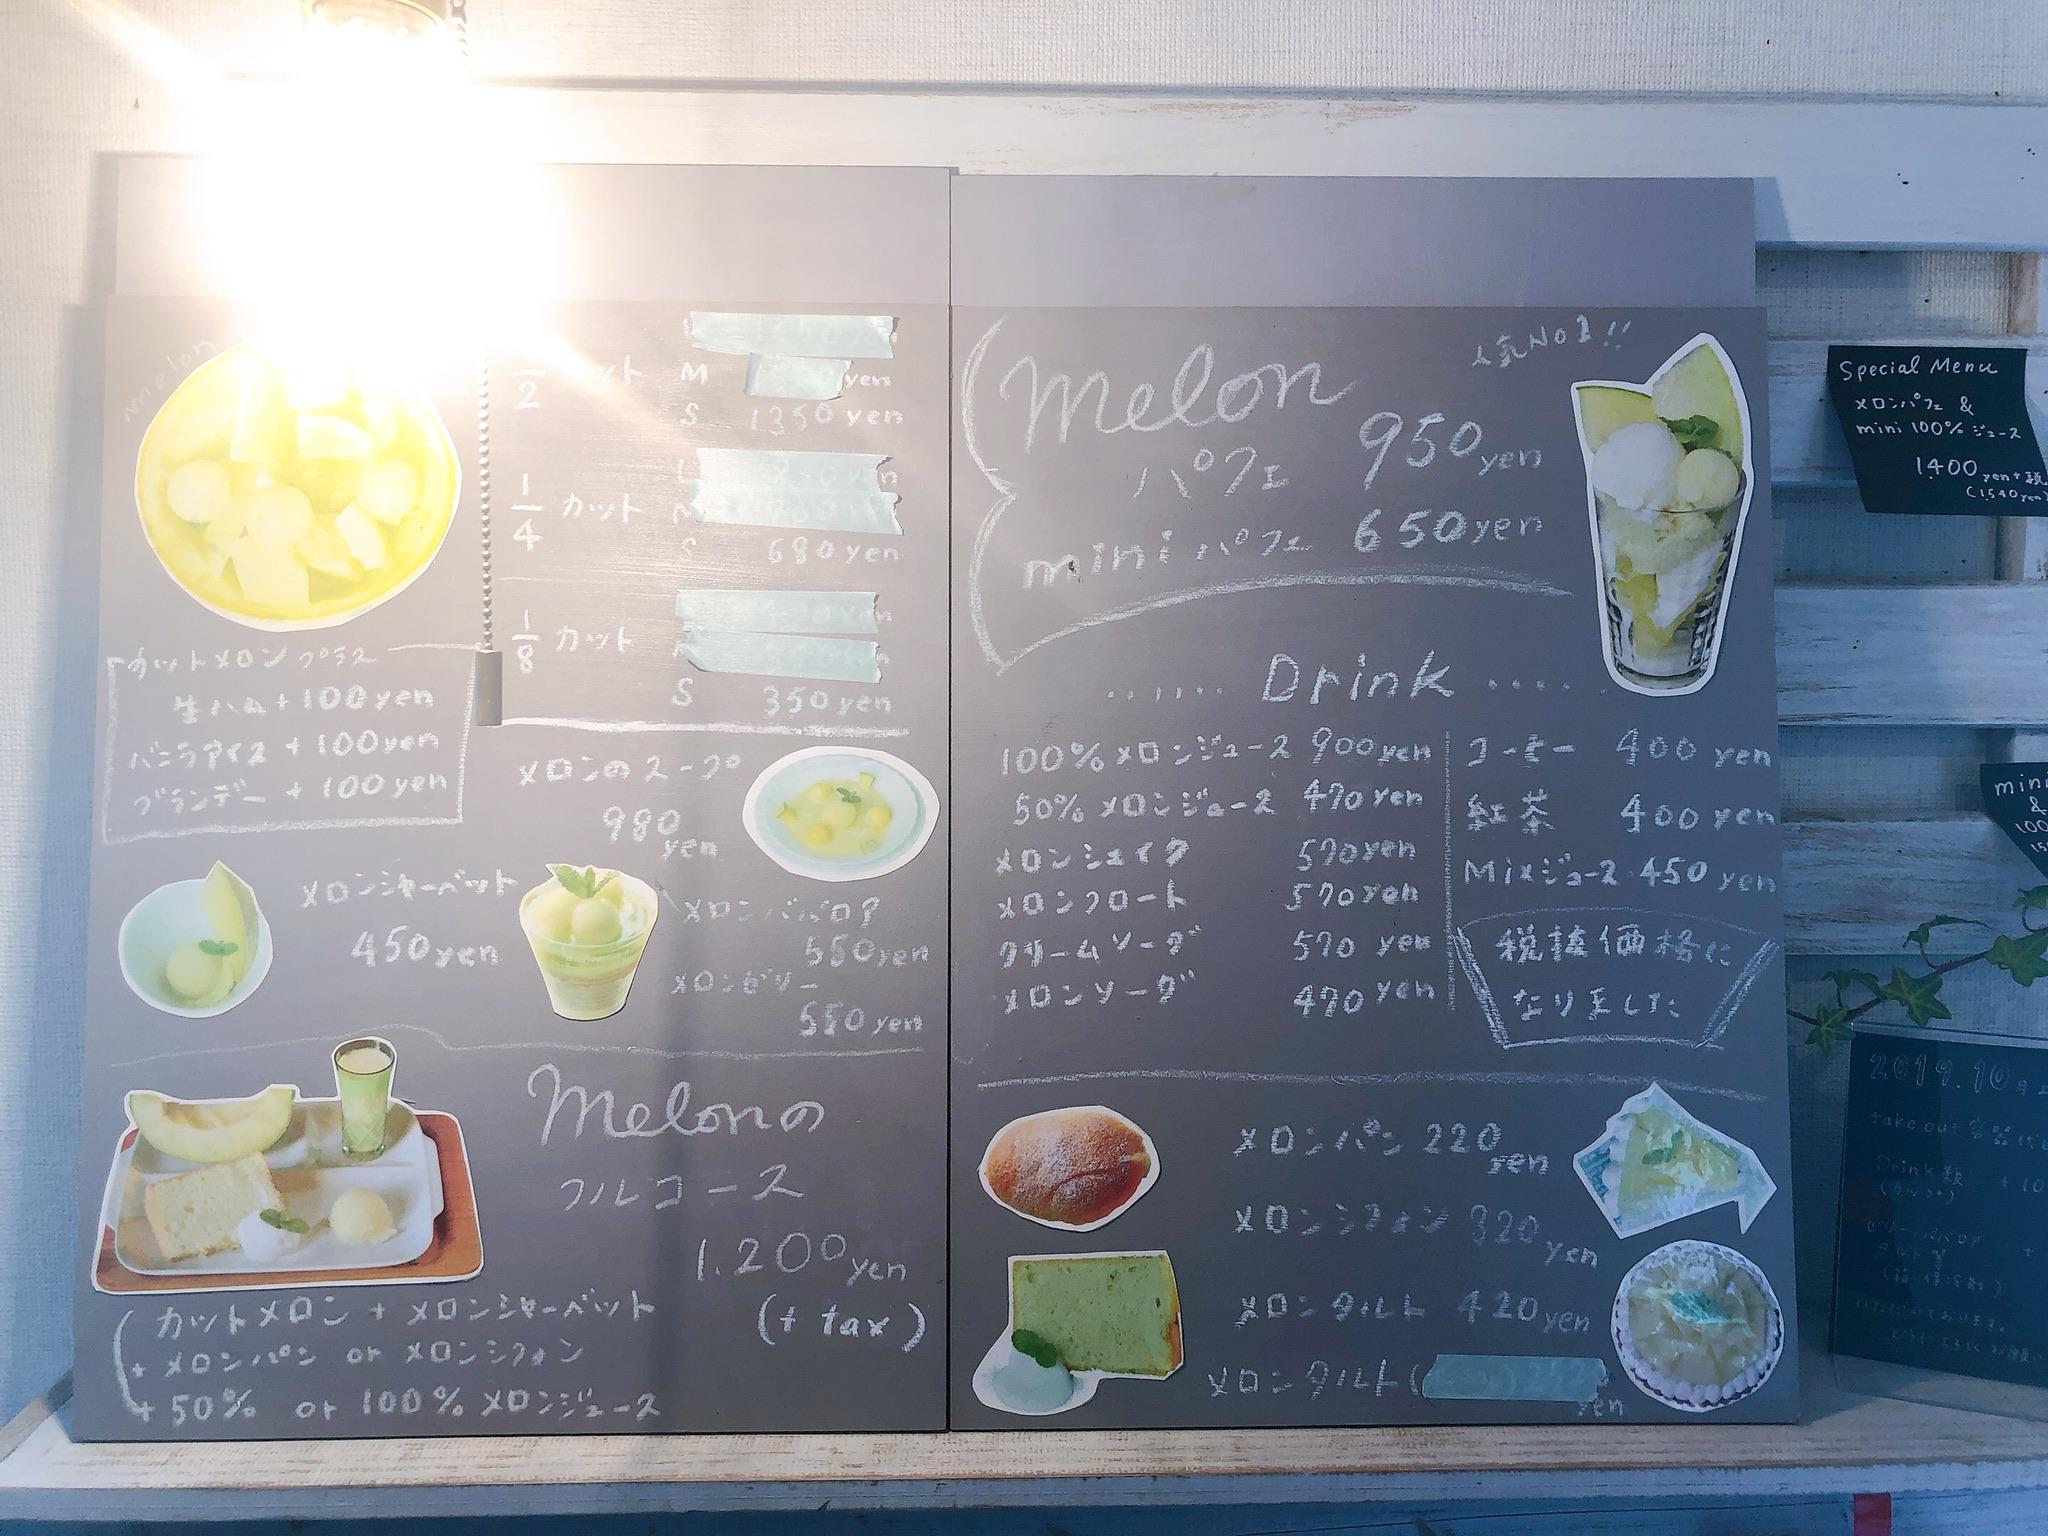 【#静岡】メロン農園直営❁緑に包まれたガーデンのようなカフェが魅力!甘〜いメロンをいただきました♩_7